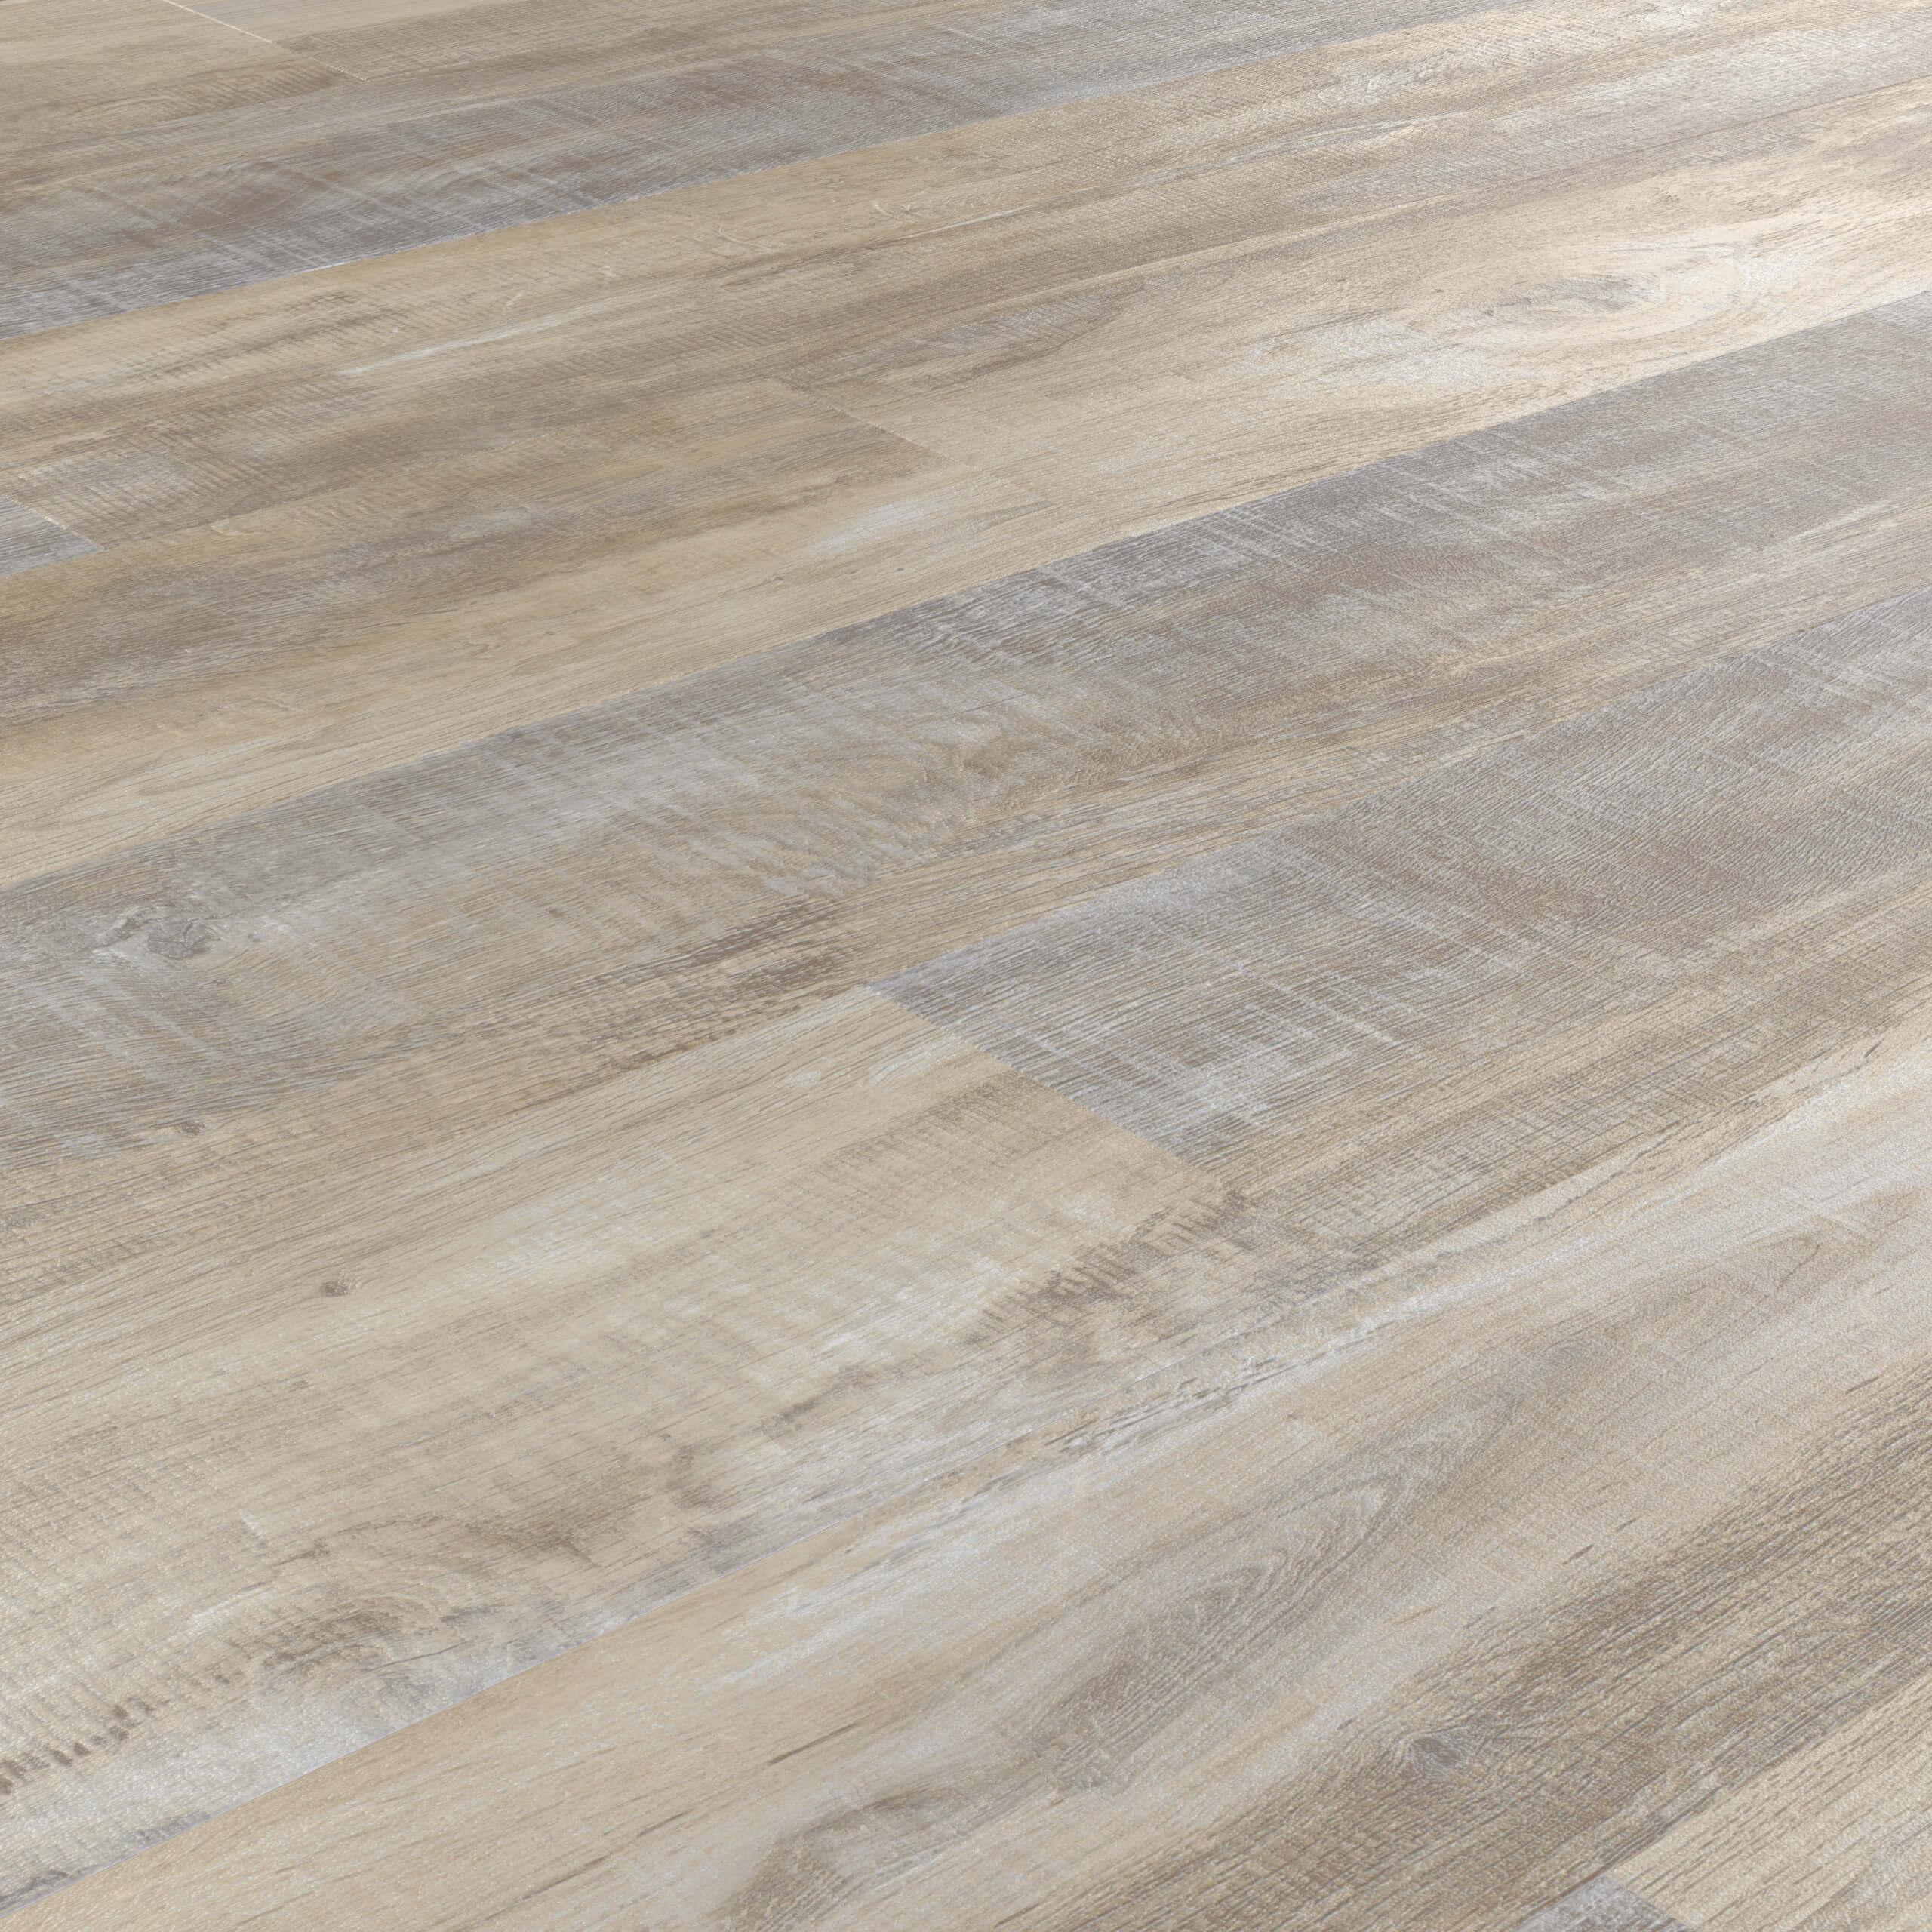 Magnolia Spc Floating Floor For, Magnolia Laminate Flooring